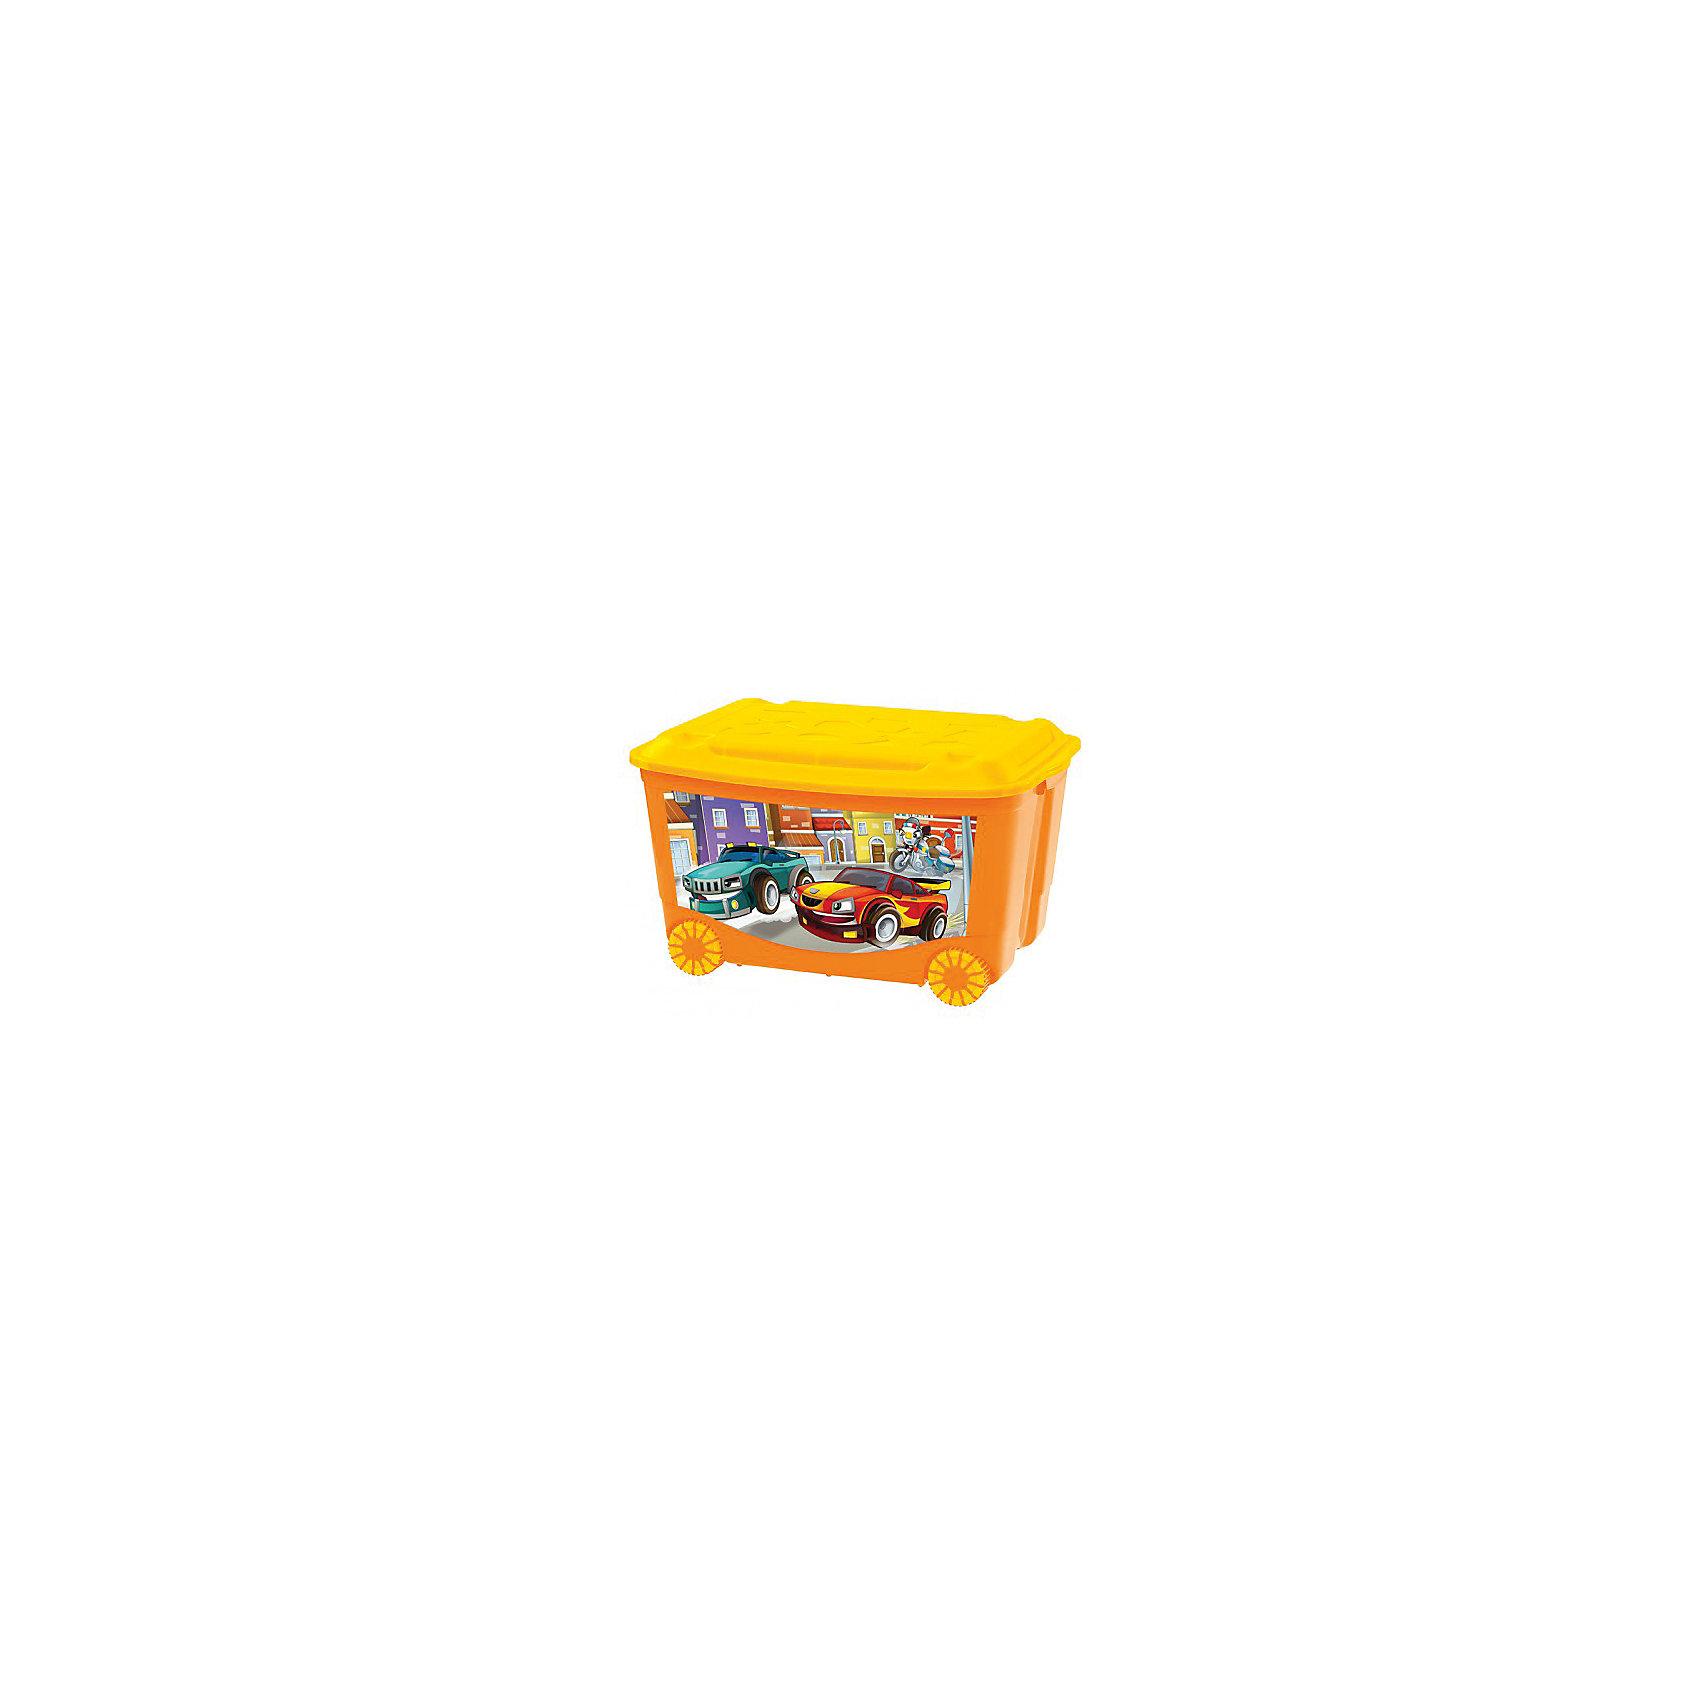 Ящик для игрушек на колесах 580*390*335, Бытпласт, оранжевыйЯщик для игрушек на колесиках позволит приучить ребенка к уборке.Контейнер изготовлен из качественного пластика, не токсичен для малышей. Вместительный, но в тоже время очень компактный ящик с крышечкой. Подойдет для упаковки игрушек, одежды, аксессуаров. Благодаря колесикам легко перемещается по комнате. Легкое скольжение позволит малышу самому привозить и увозить ящик.<br><br>Характеристика:<br>-Размер: 58х39Х33,5 см<br>-Материал: бытпласт<br>-Цвет: оранжевый<br><br>Ящик для игрушек на колесиках можно приобрести в нашем интернет-магазине.<br><br>Ширина мм: 580<br>Глубина мм: 390<br>Высота мм: 335<br>Вес г: 1900<br>Возраст от месяцев: 24<br>Возраст до месяцев: 72<br>Пол: Унисекс<br>Возраст: Детский<br>SKU: 5007009